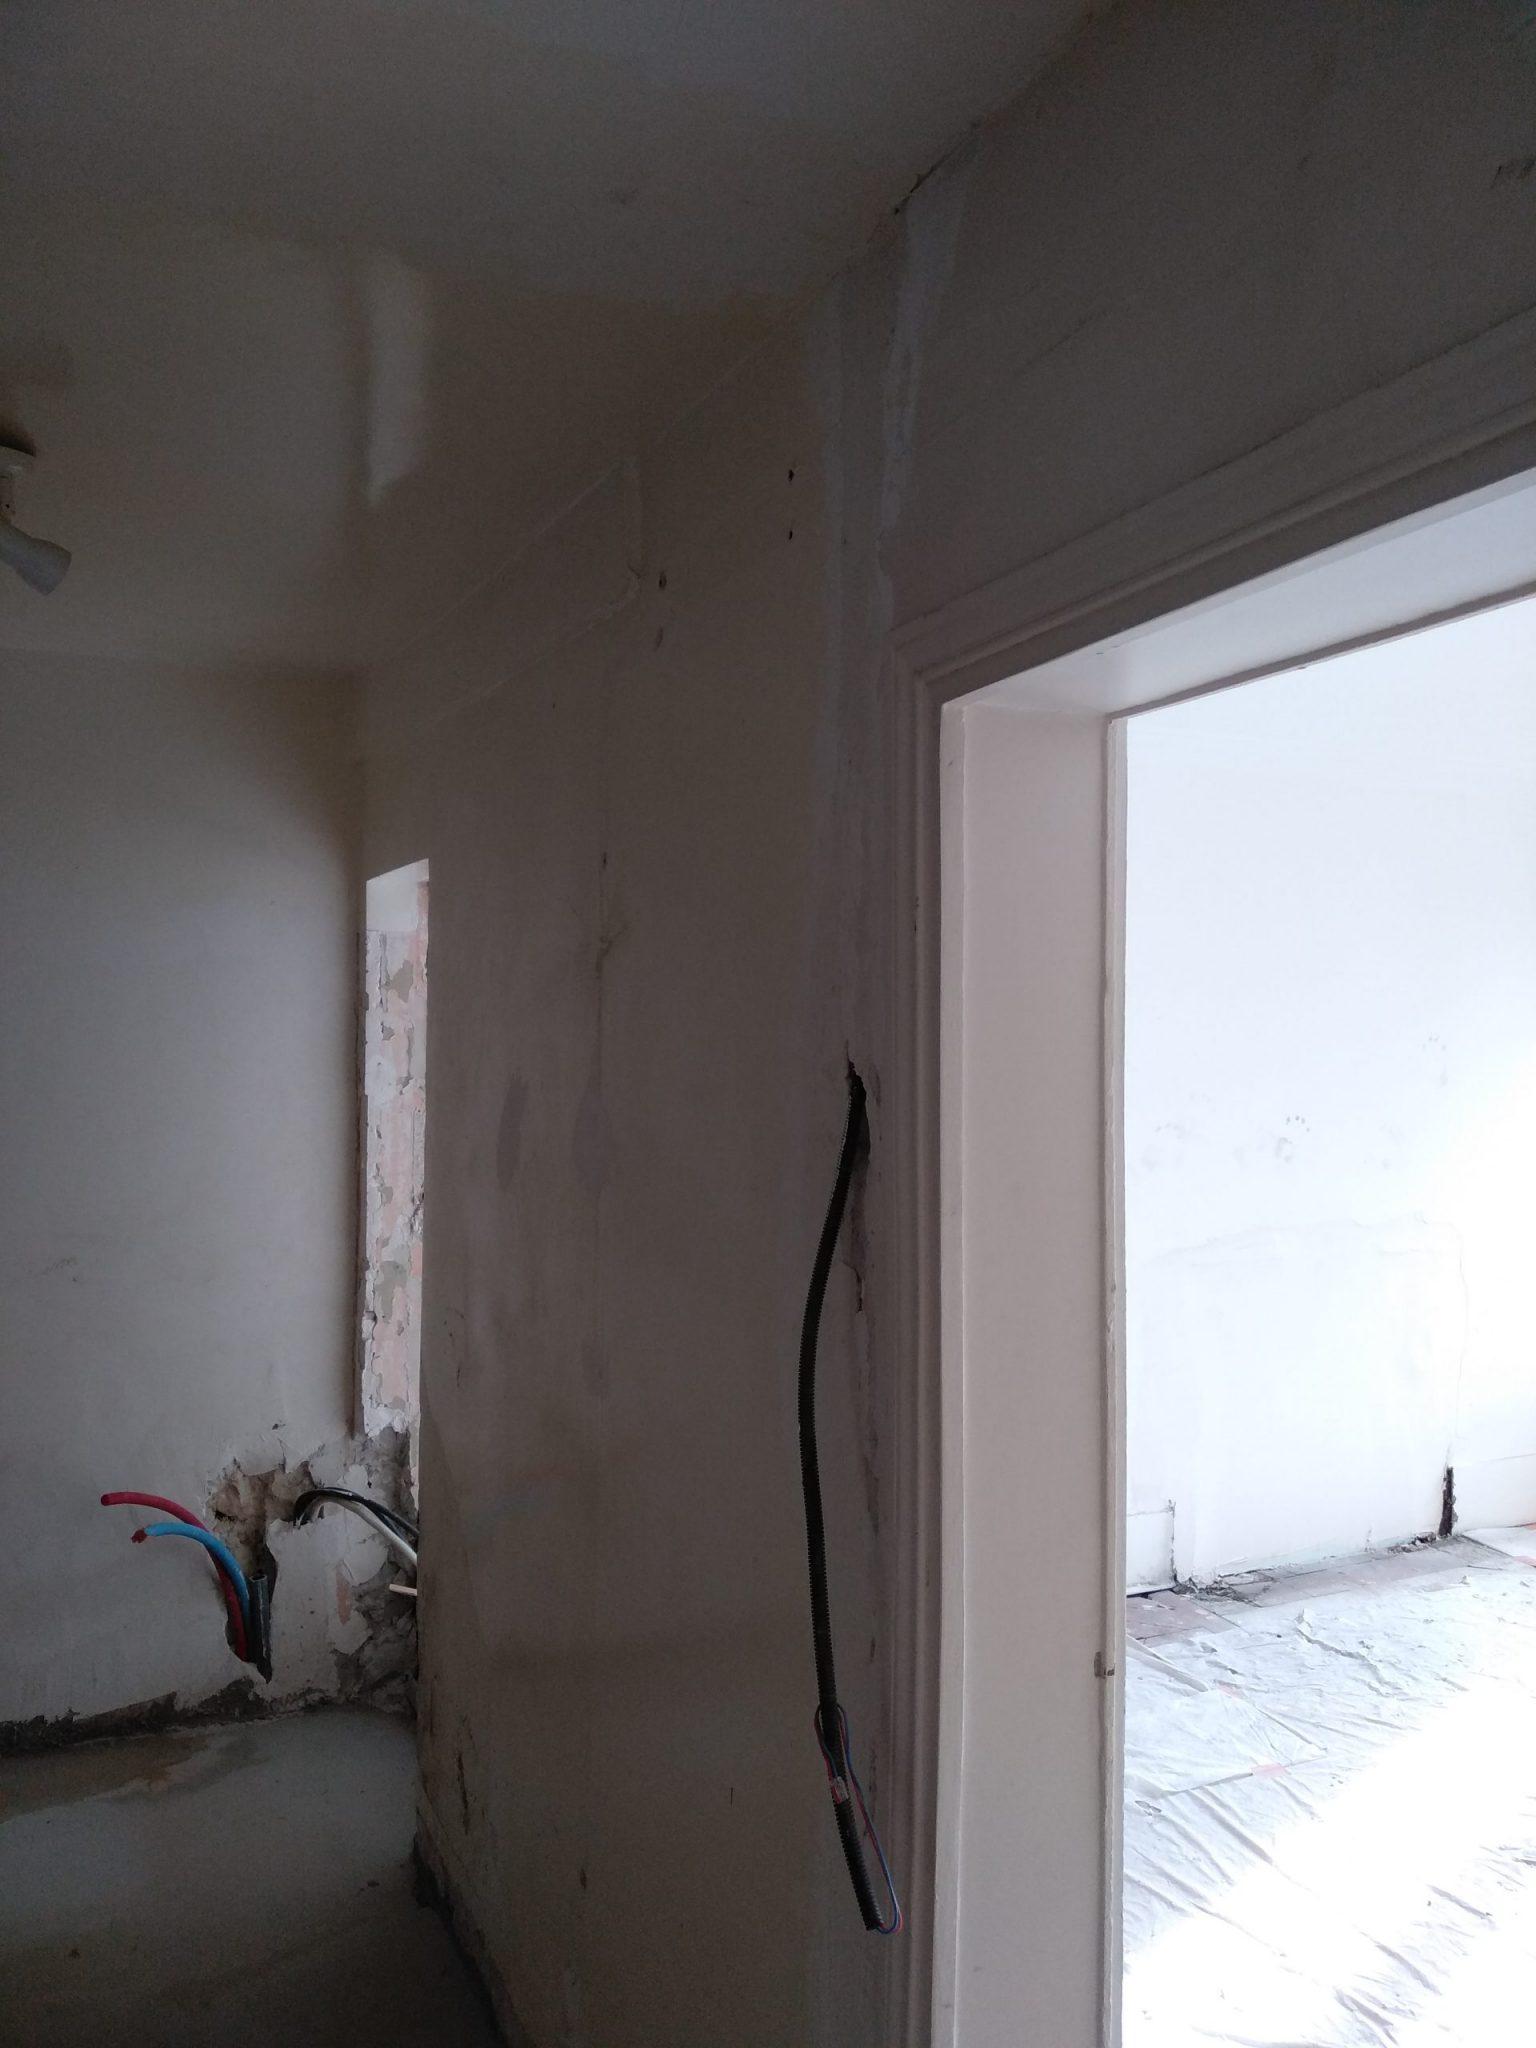 Murs porteurs - Démolition de mur de refend dans une maison individuelle à Toulon. 12